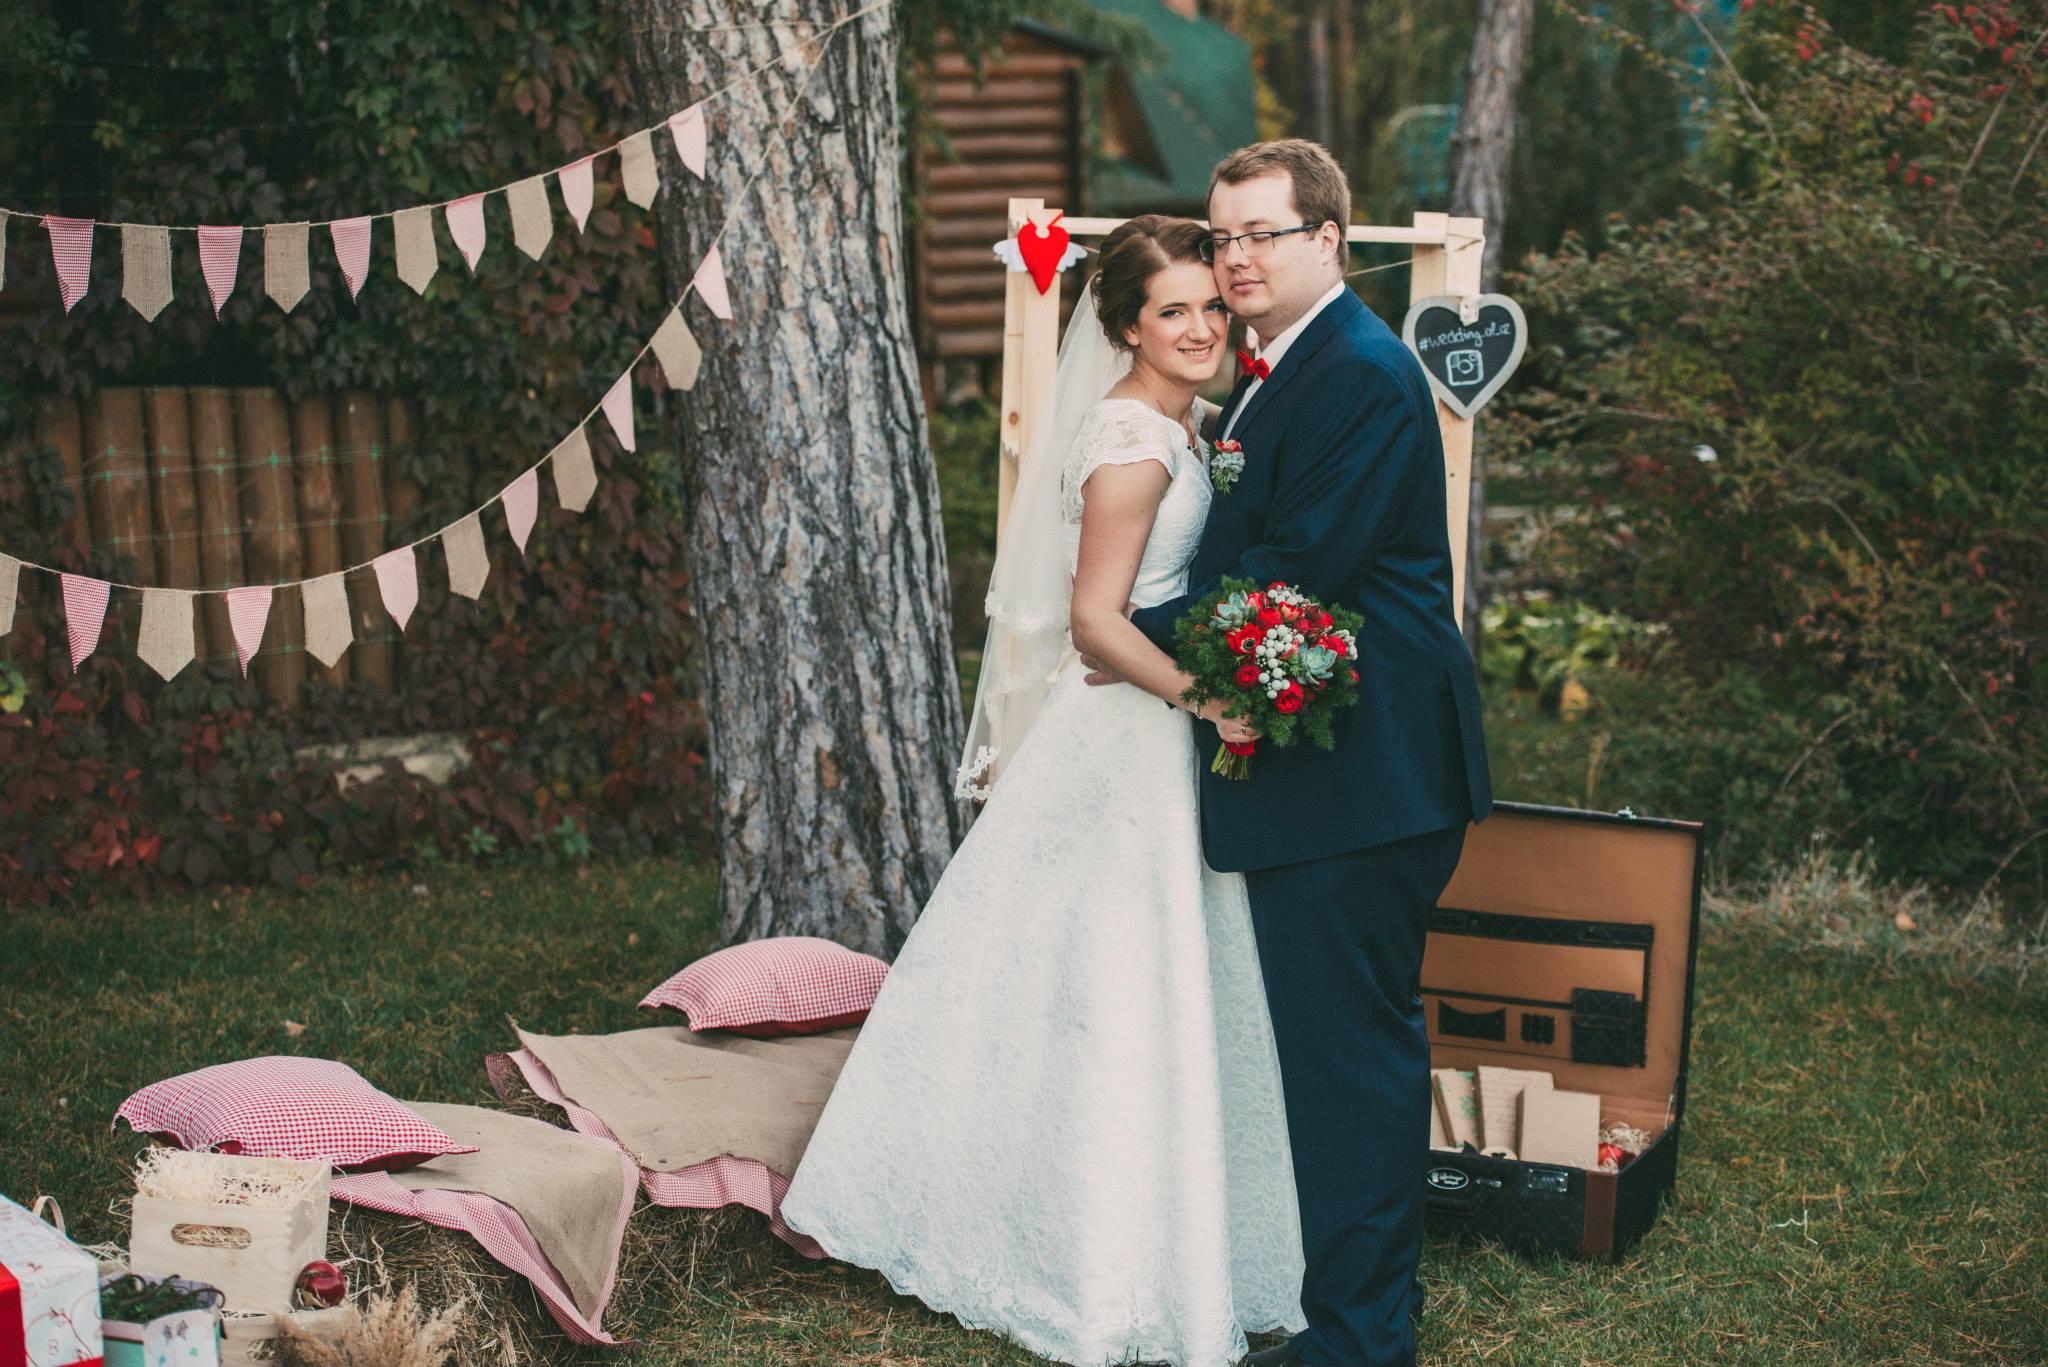 тематическая свадьба, стилизованая